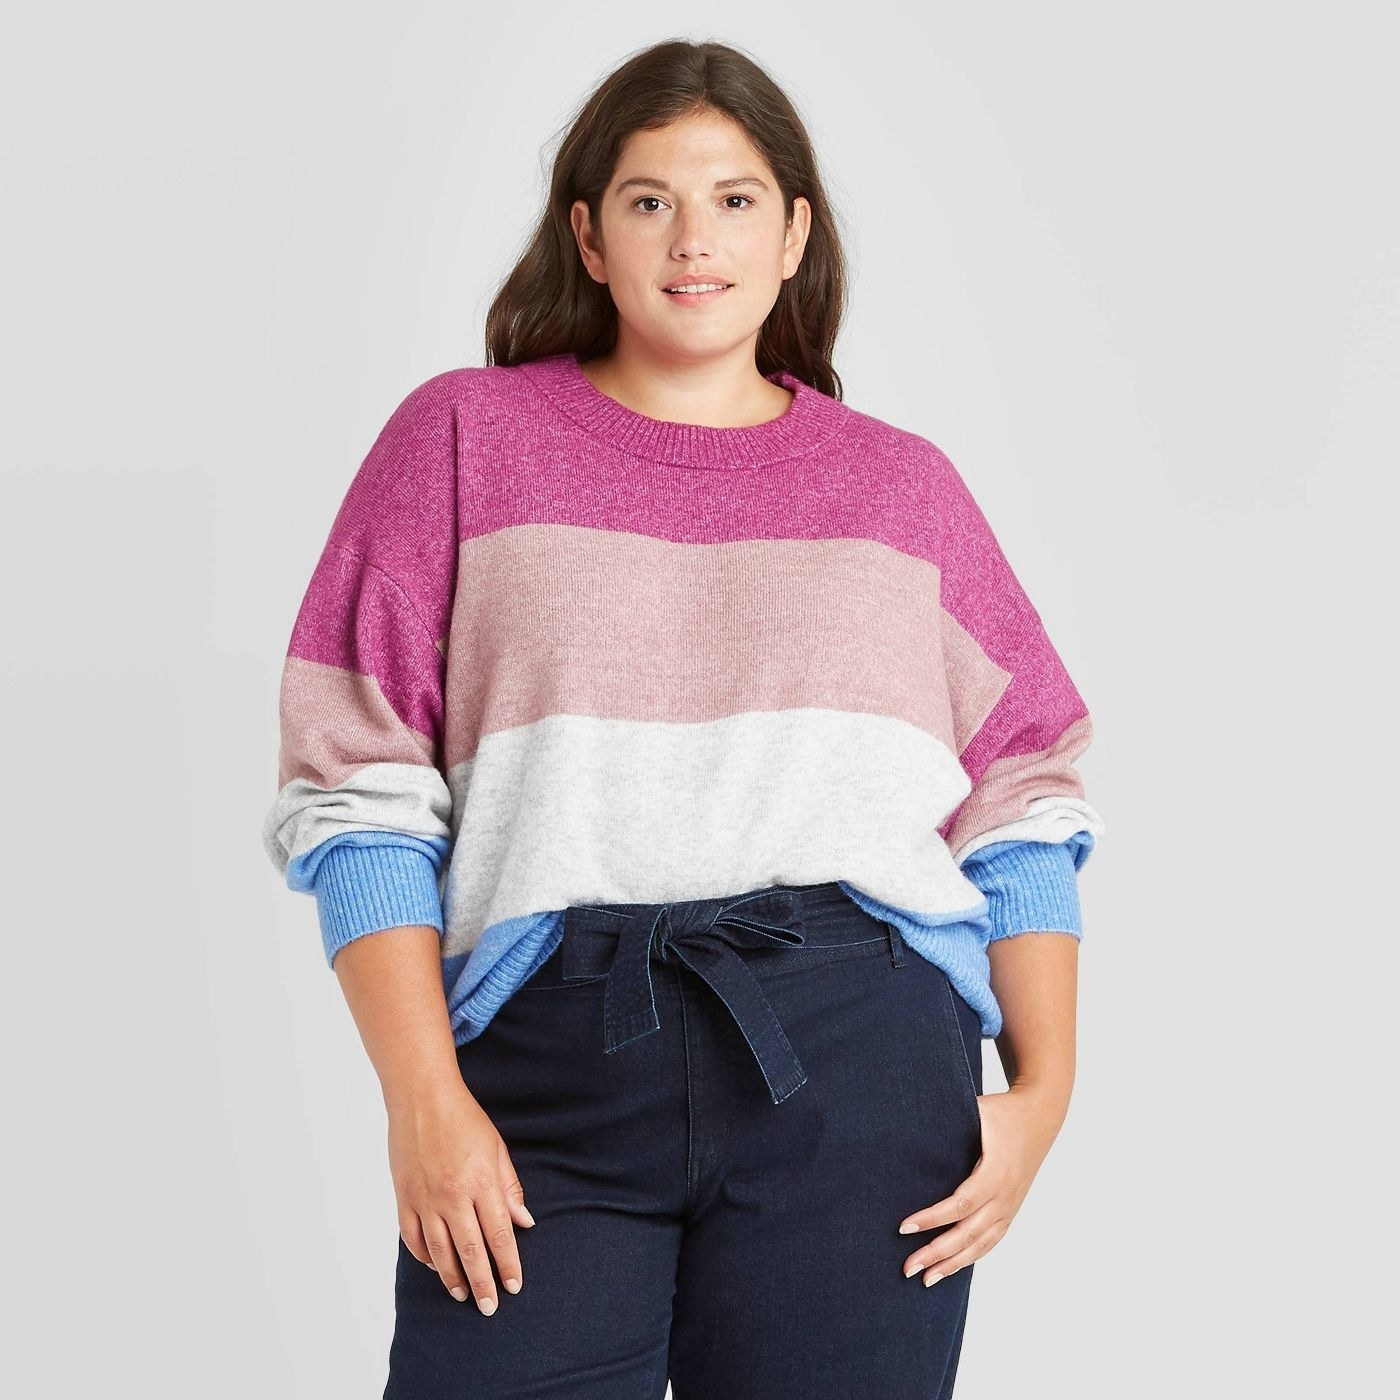 Model wearing striped sweater